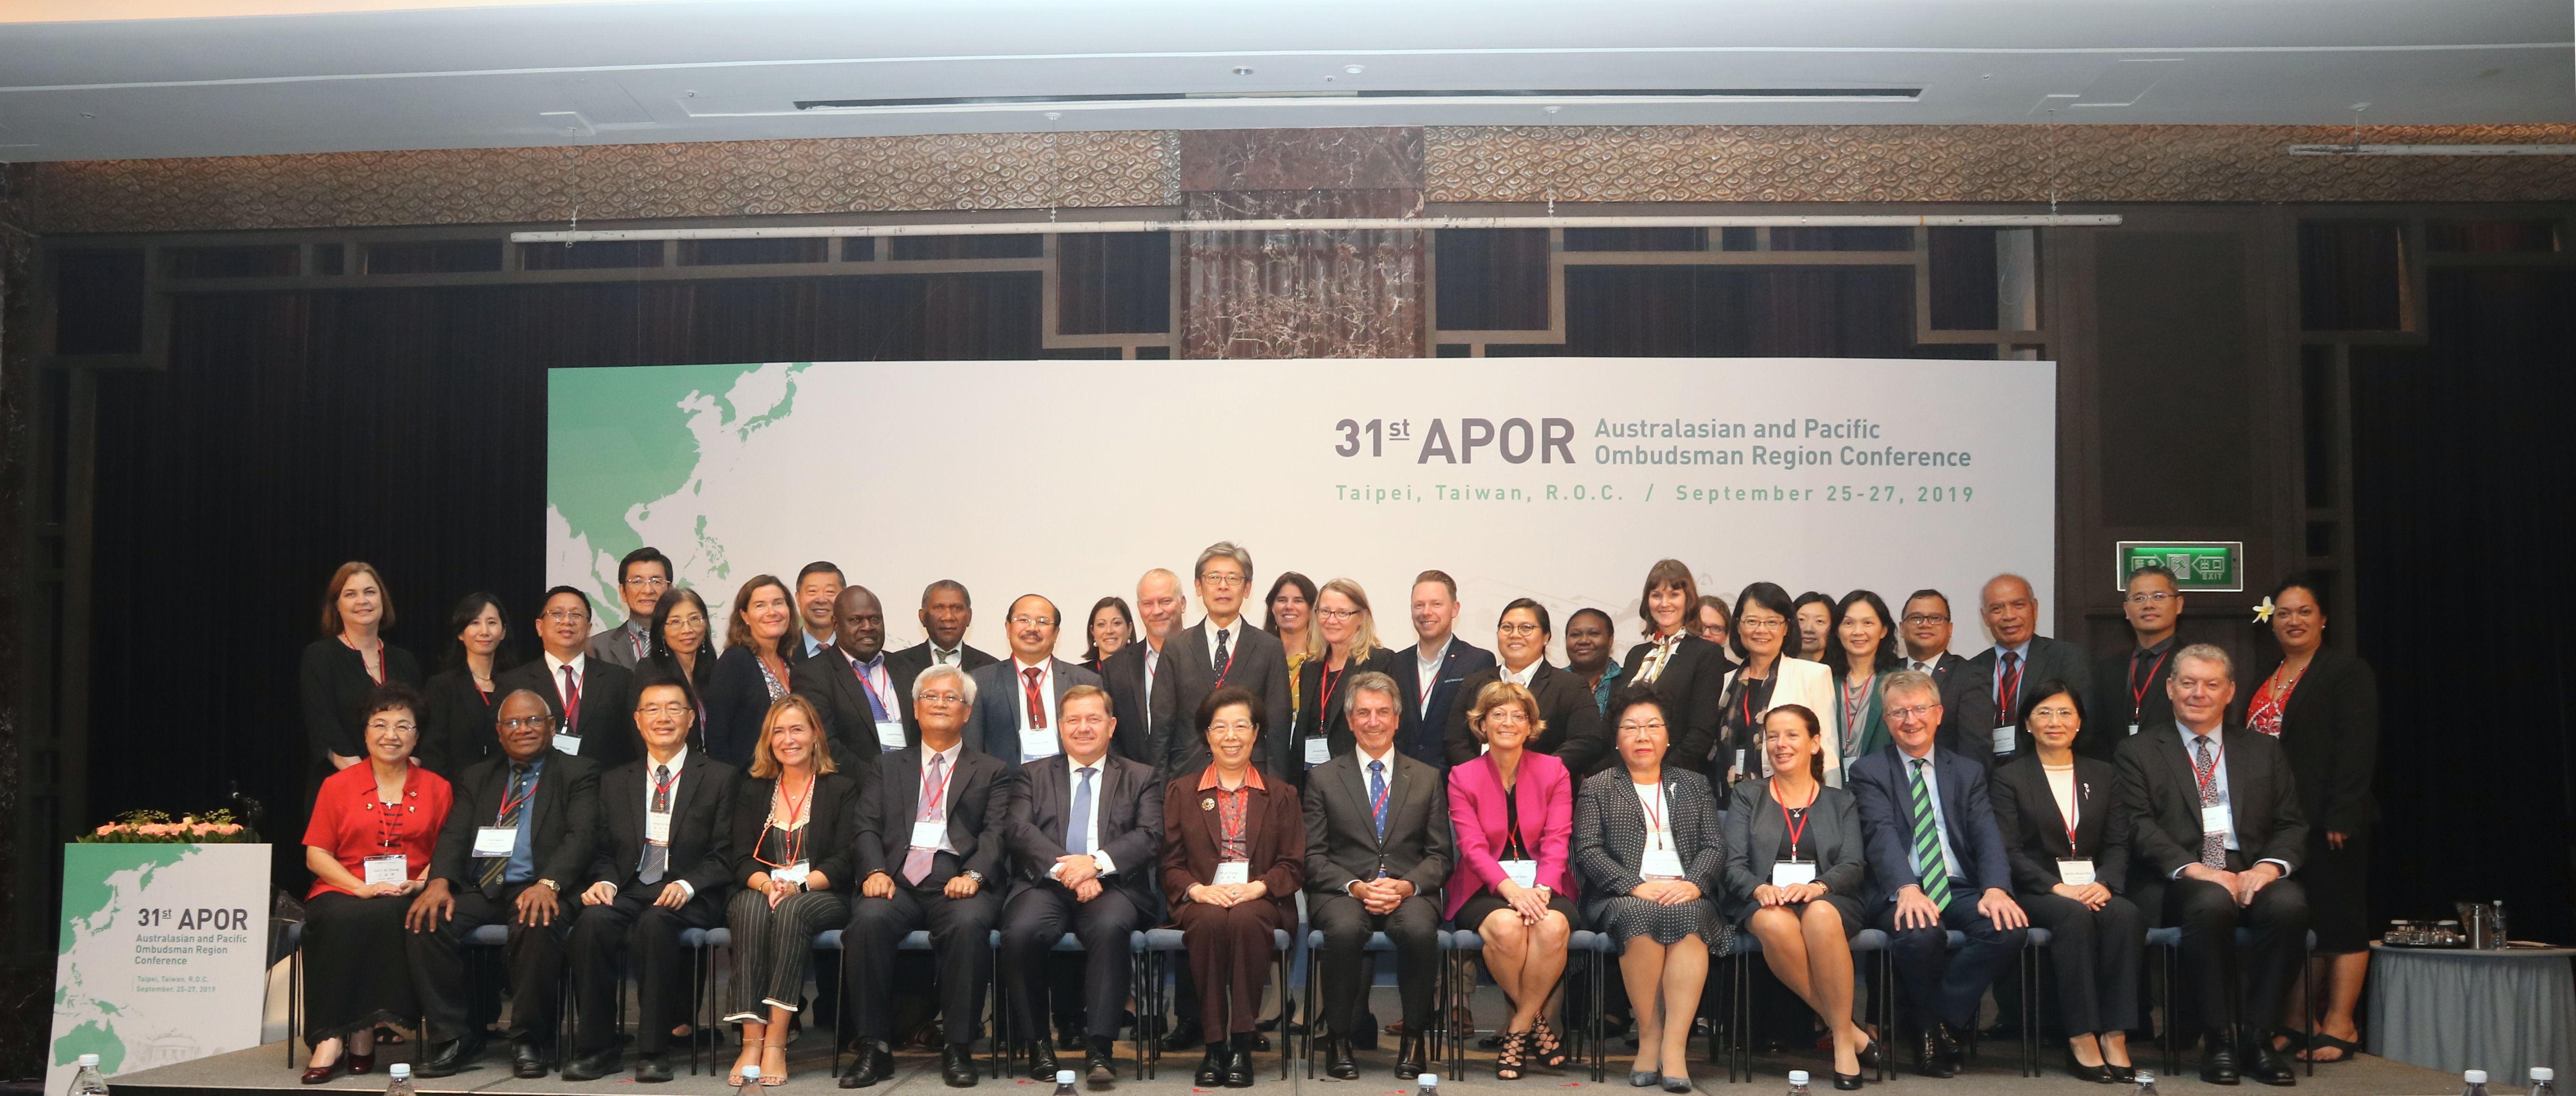 第31屆APOR年會暨人權工作國際研討會圓滿落幕 各國監察機構積極持續為促進善治及保障人權努力